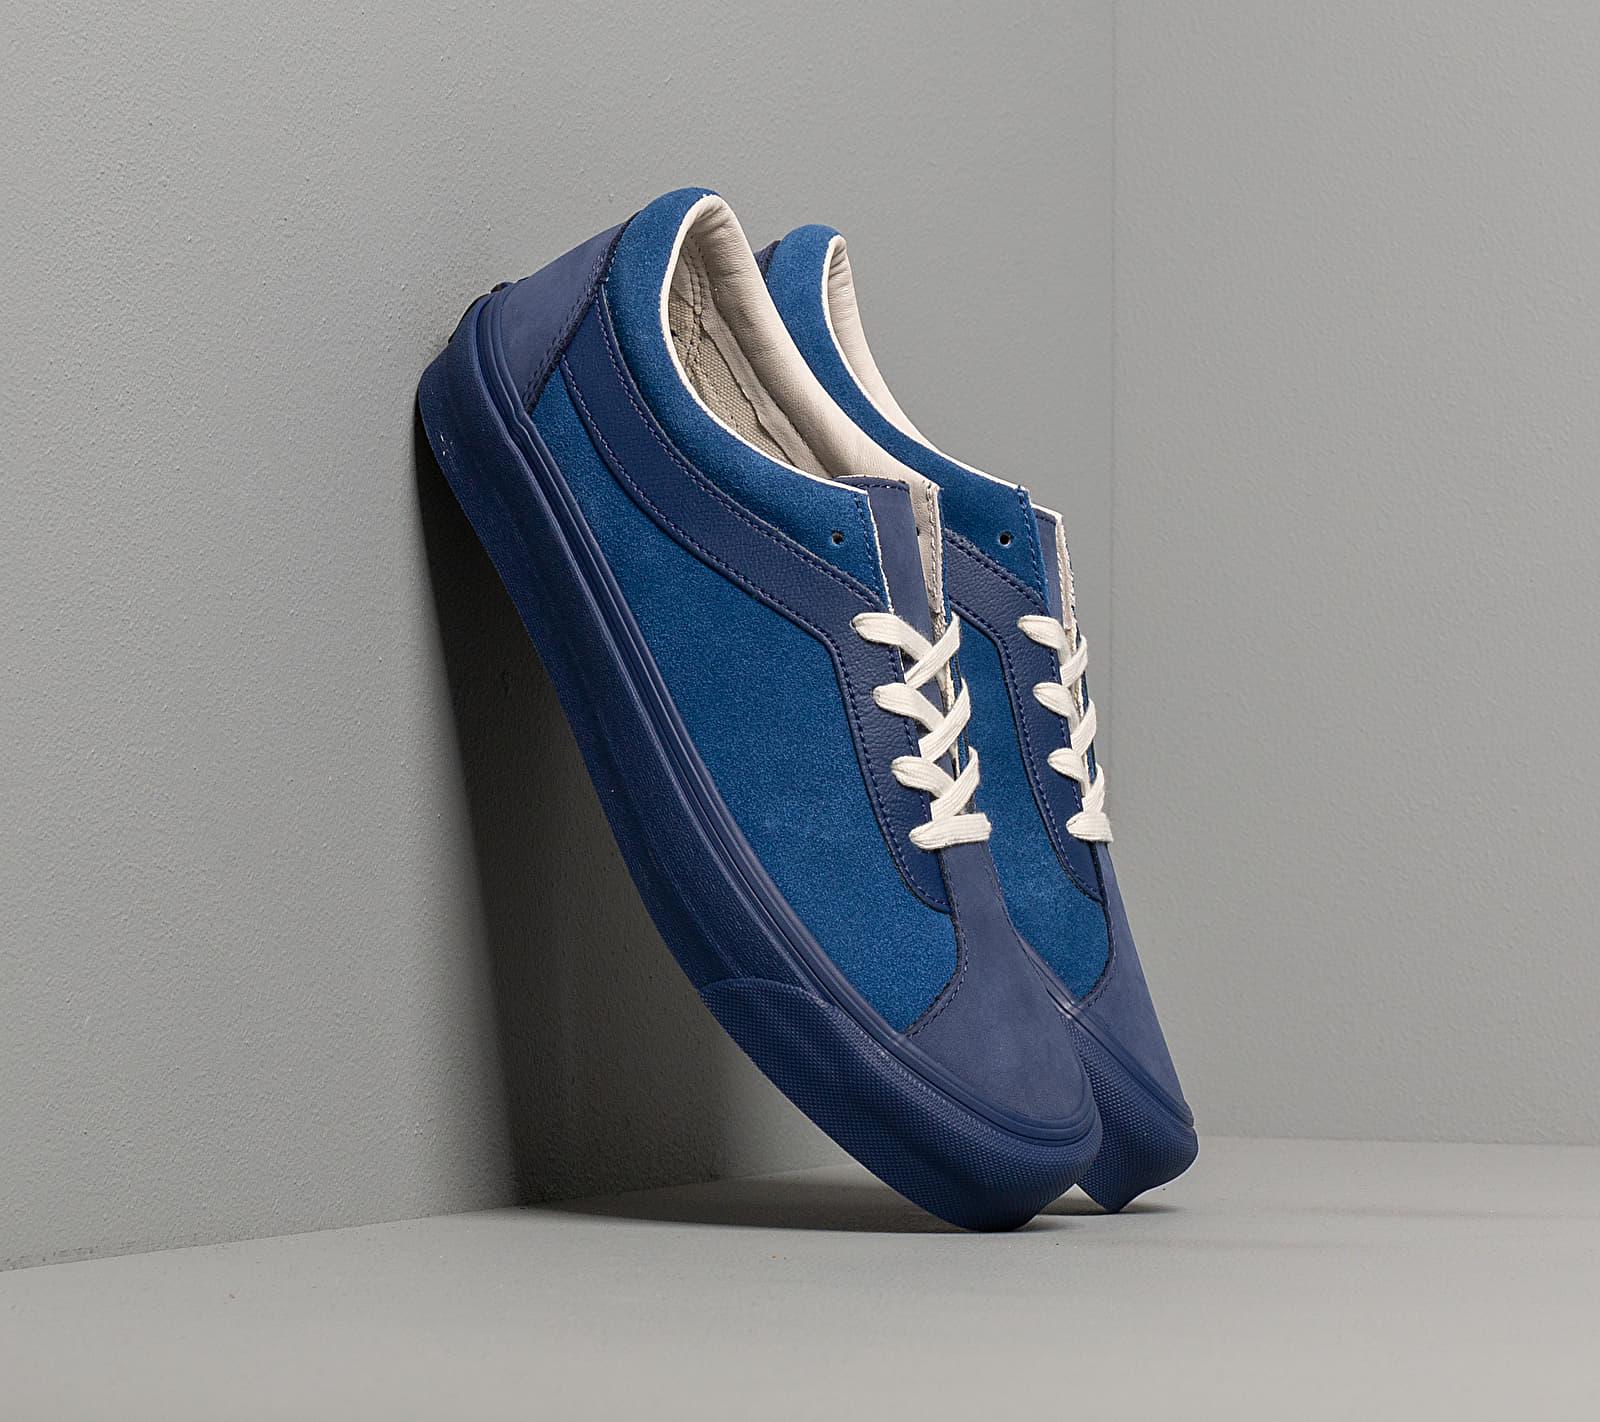 Vans Bold Ni LX (Nubuck/ Suede) Blue VN0A4U4900N1